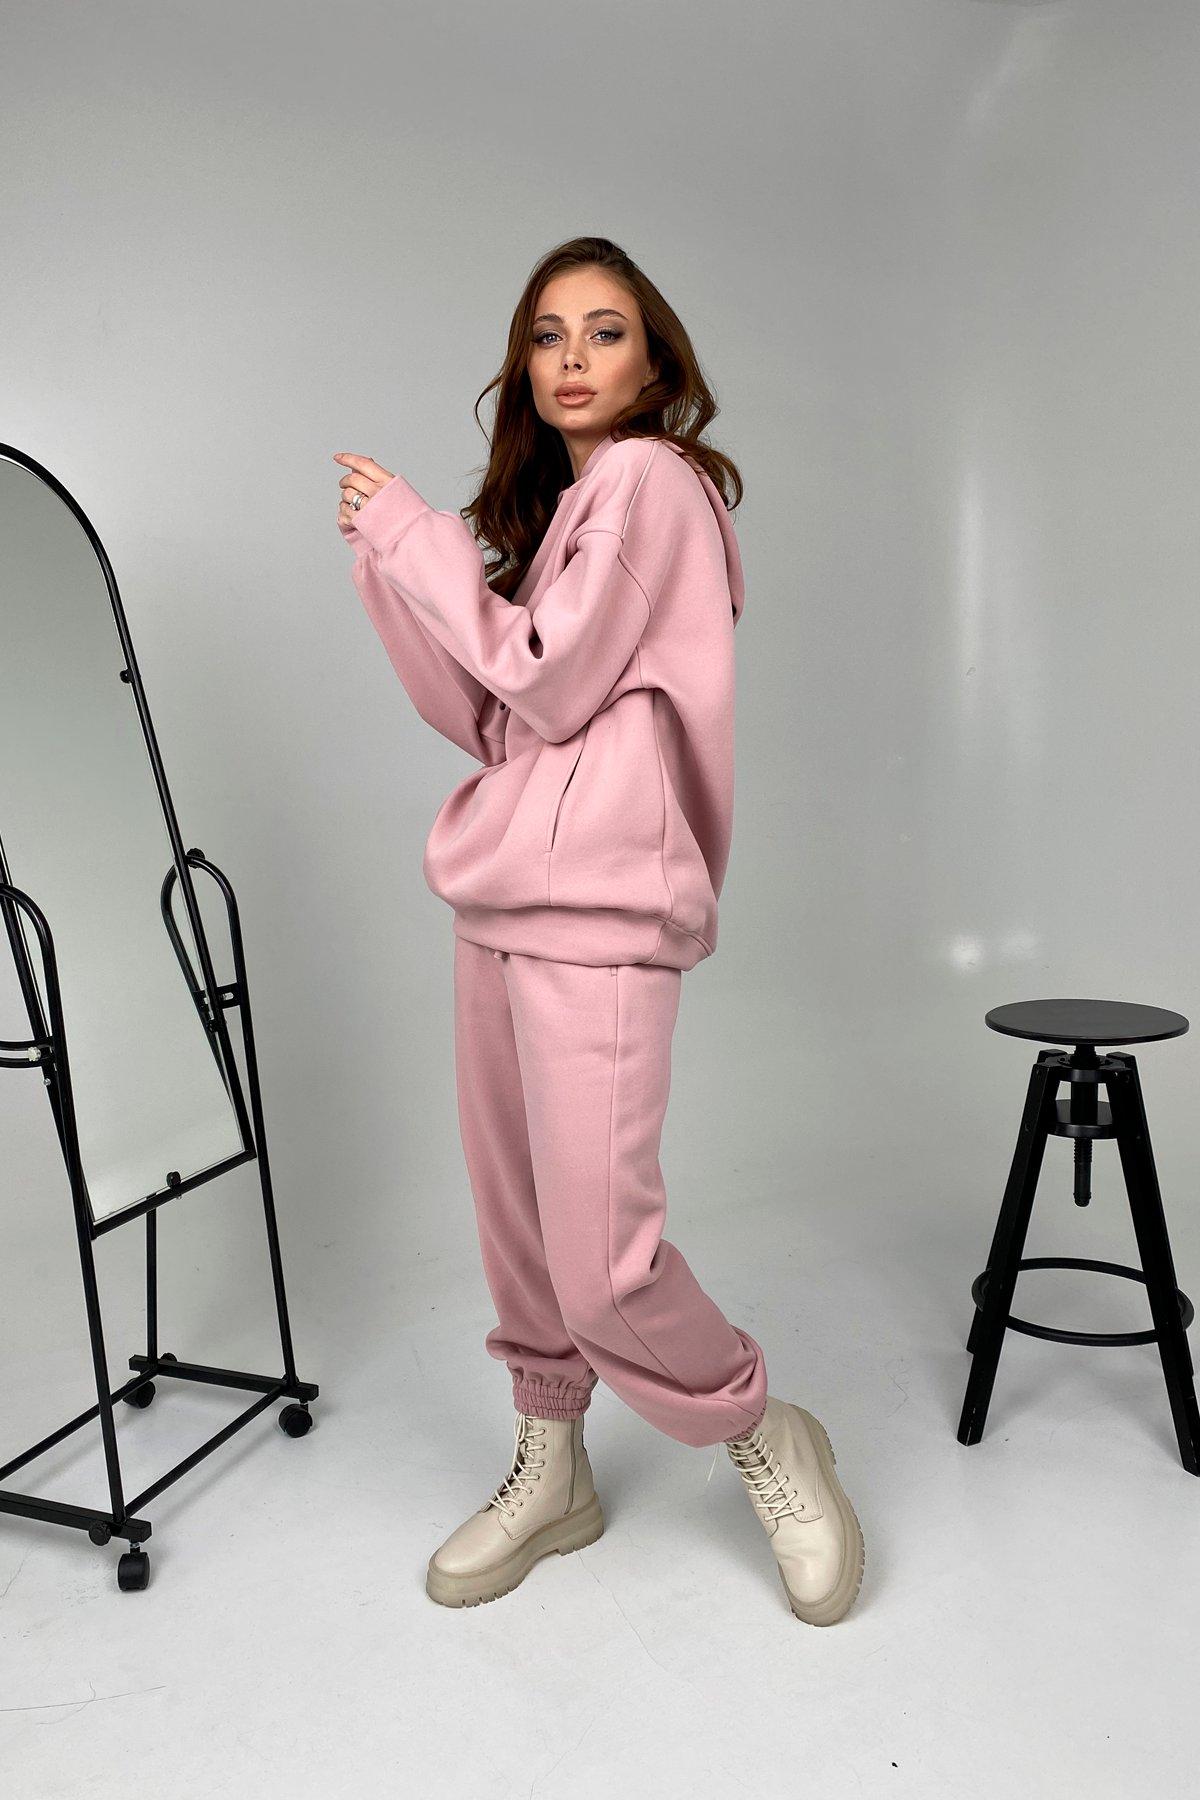 Марион костюм в  стиле Oversize  3х нитка 9651 АРТ. 46494 Цвет: Пудра 1 - фото 1, интернет магазин tm-modus.ru